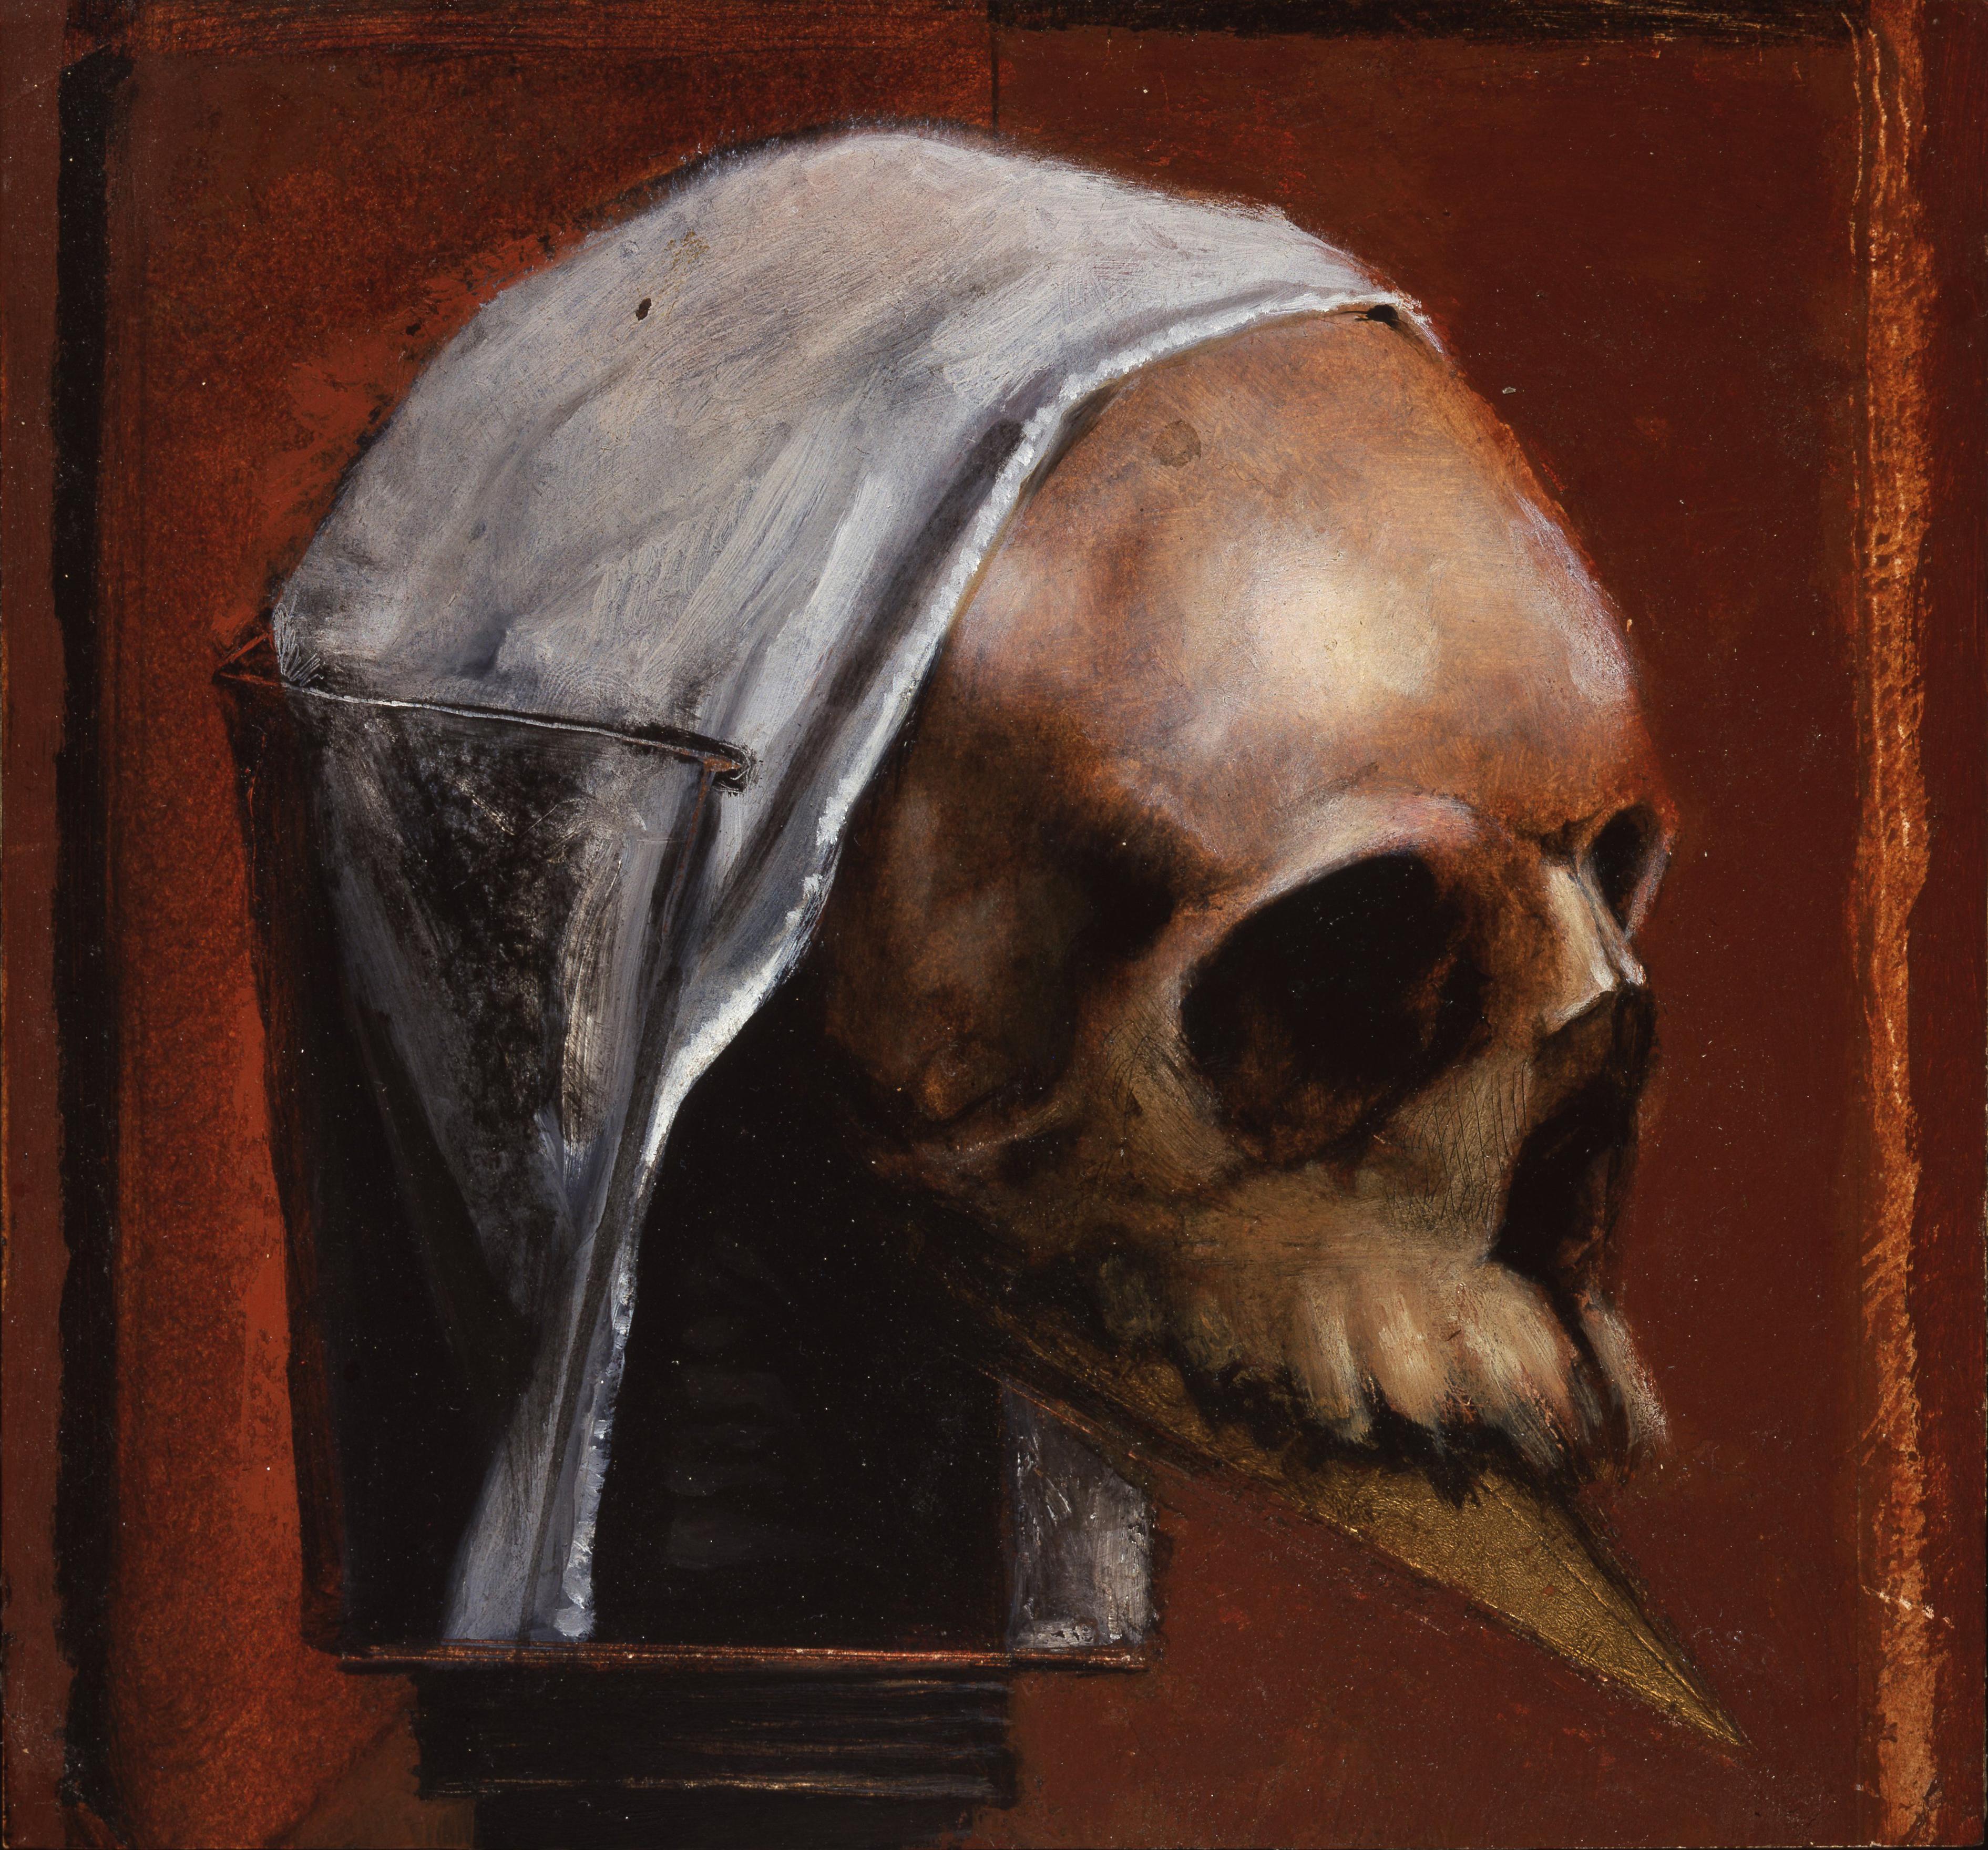 The veiled scythe